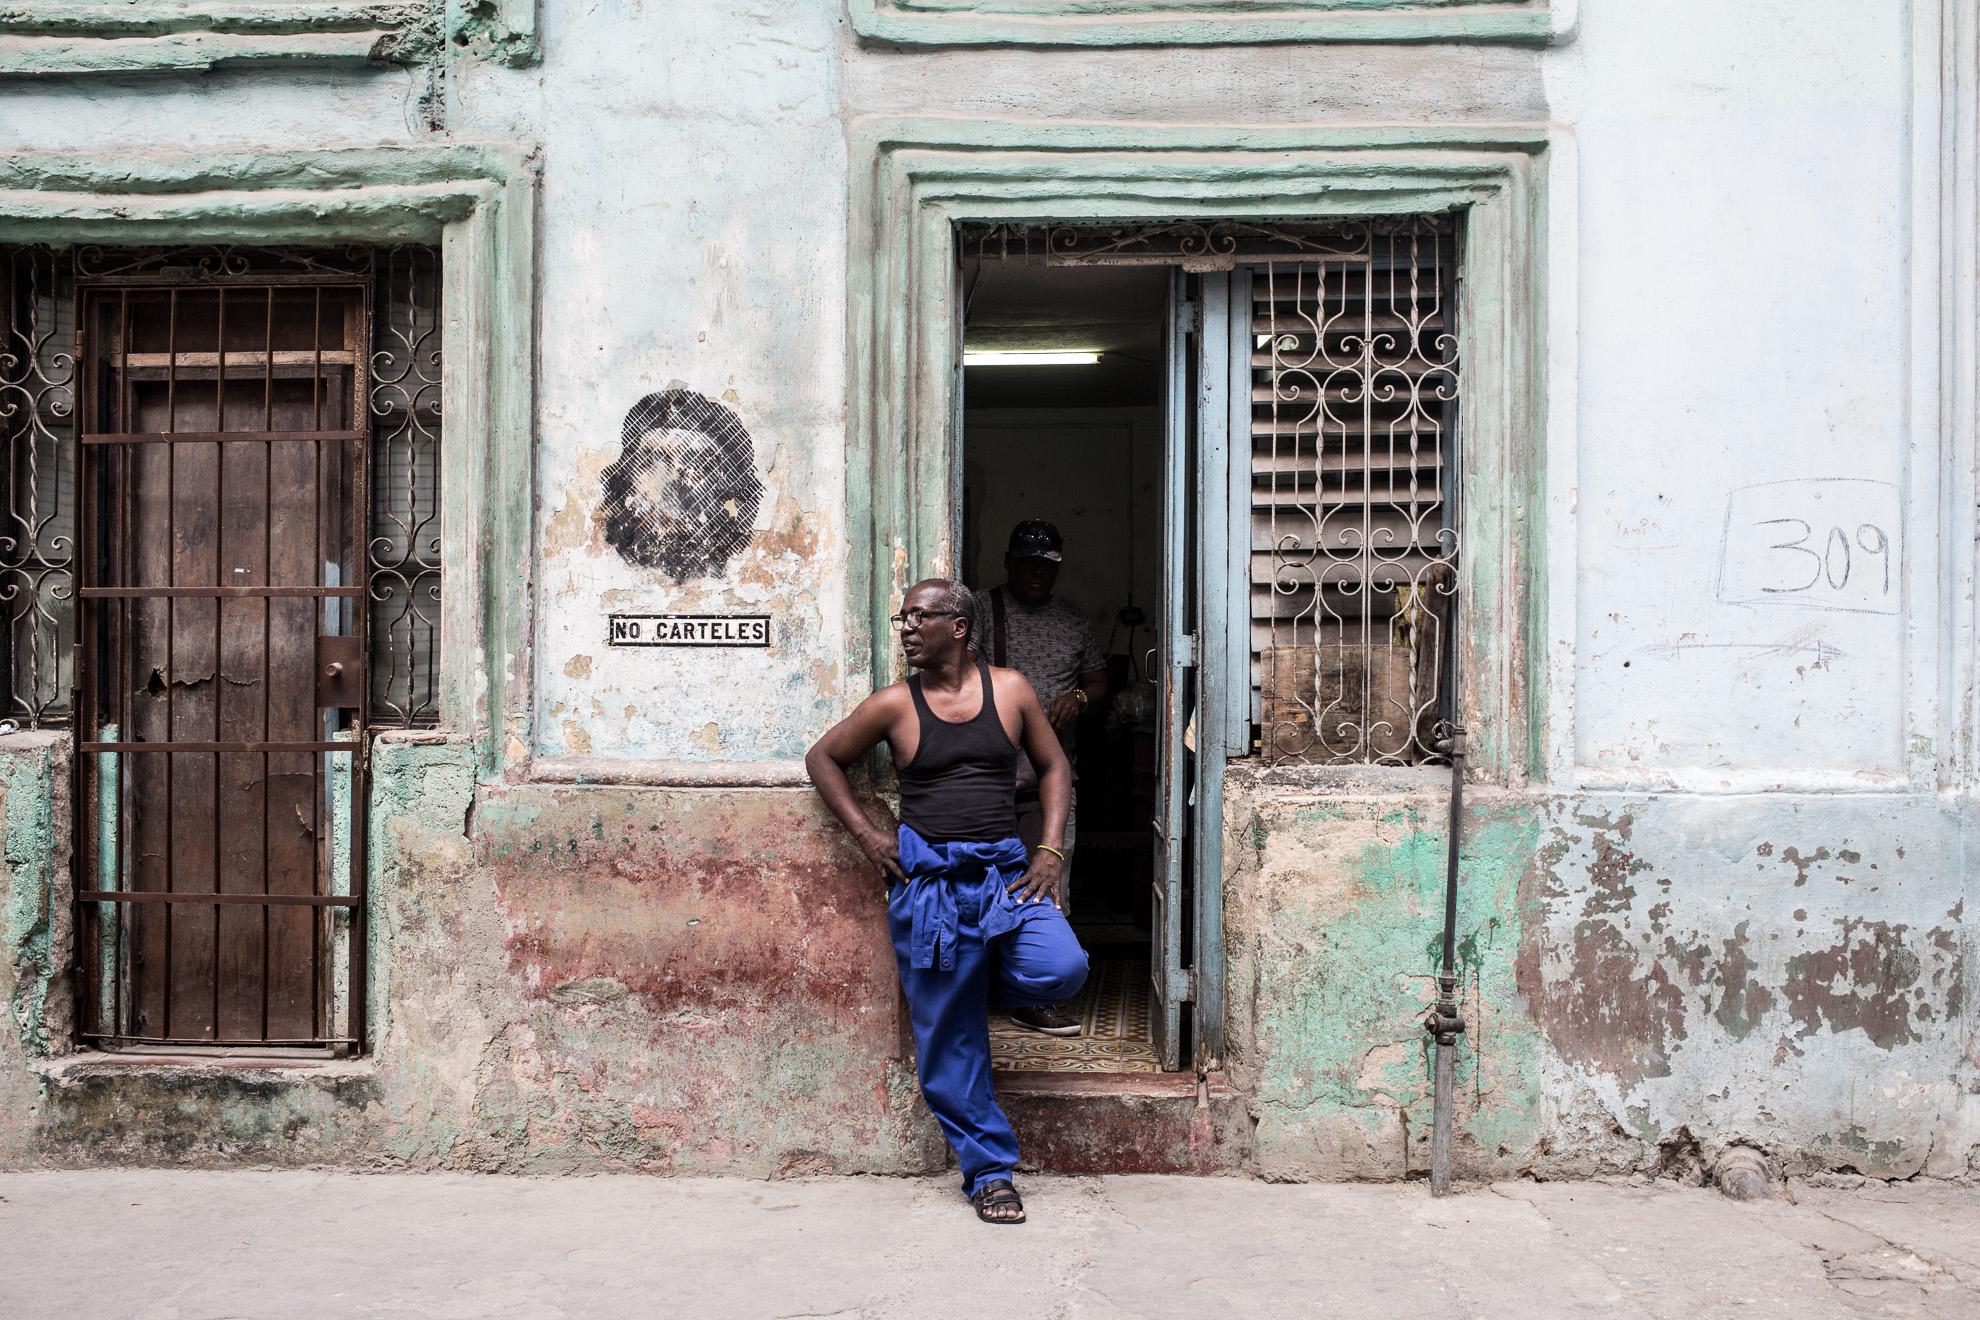 O Saillard Photographe - Cuba-074.jpg